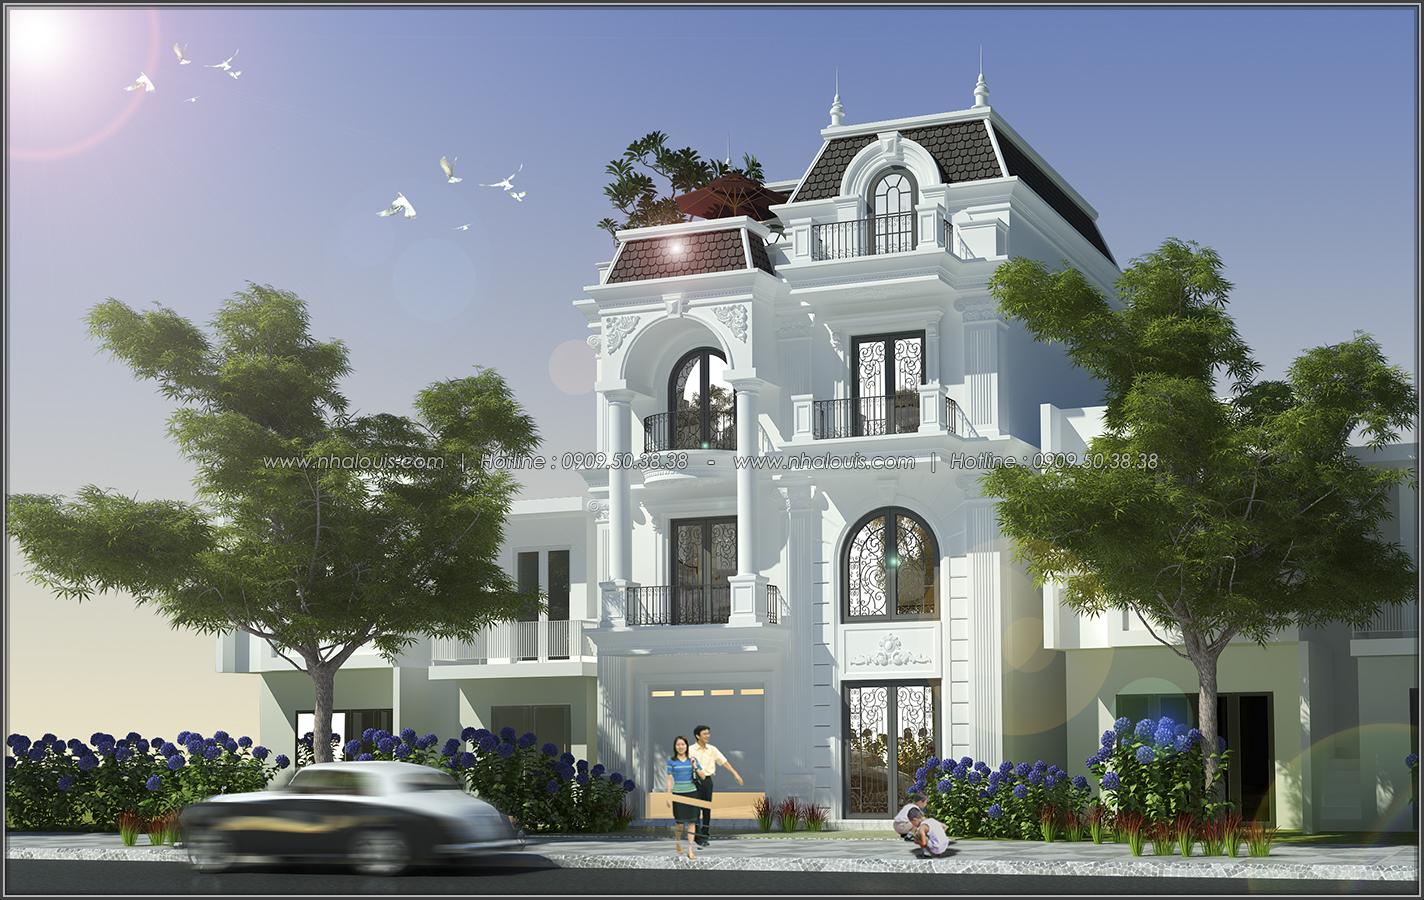 Thiết kế biệt thự tân cổ điển tại Đồng Nai đẹp rạng ngời phố thị - 02